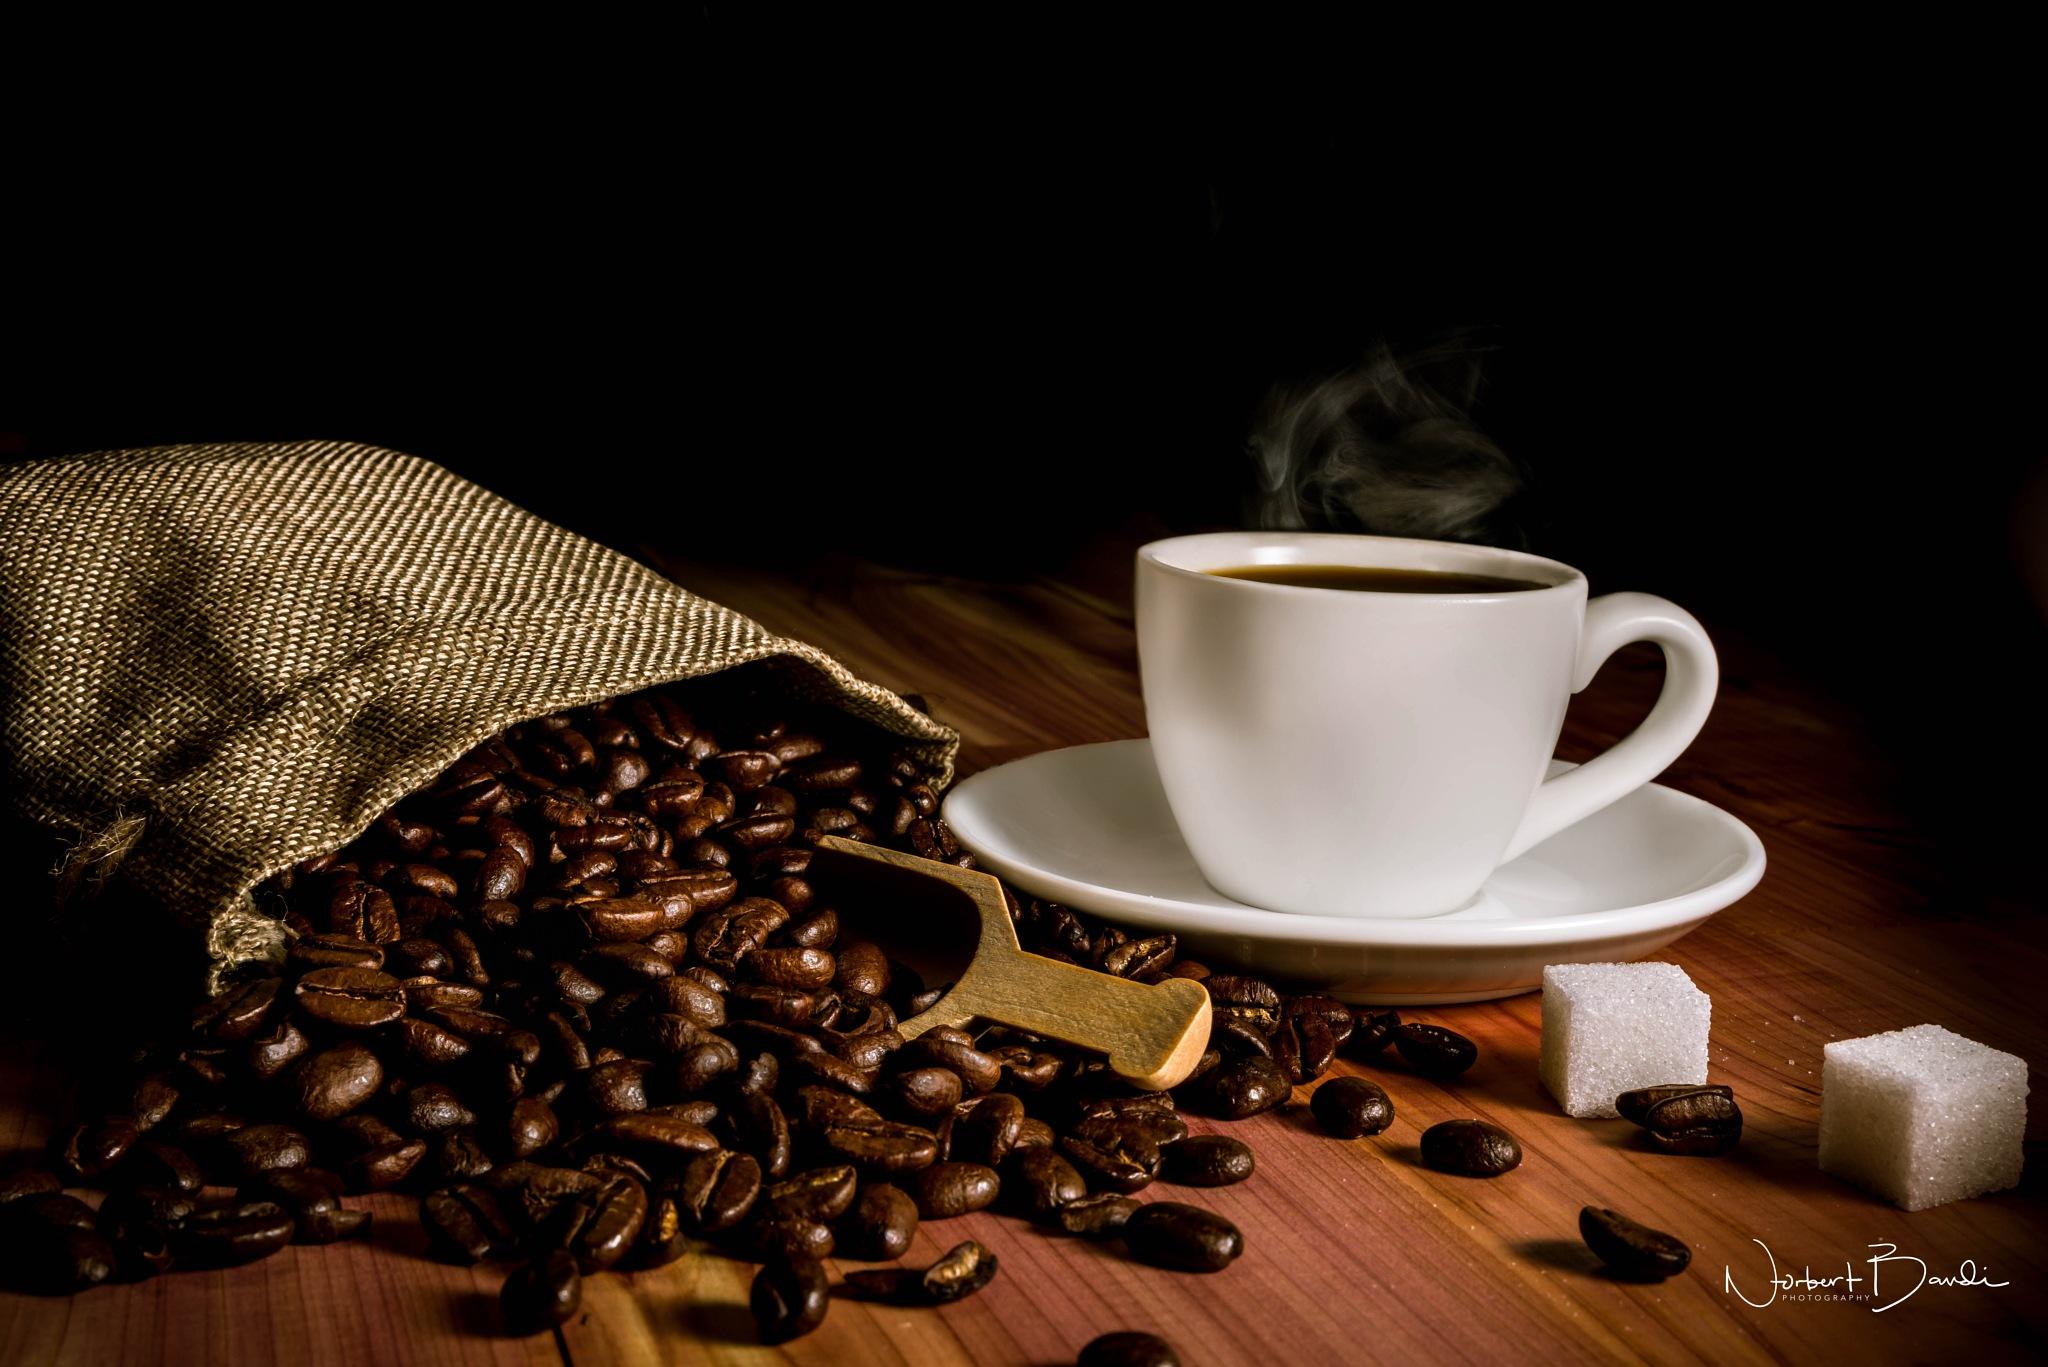 coffee break by NorbertBandi